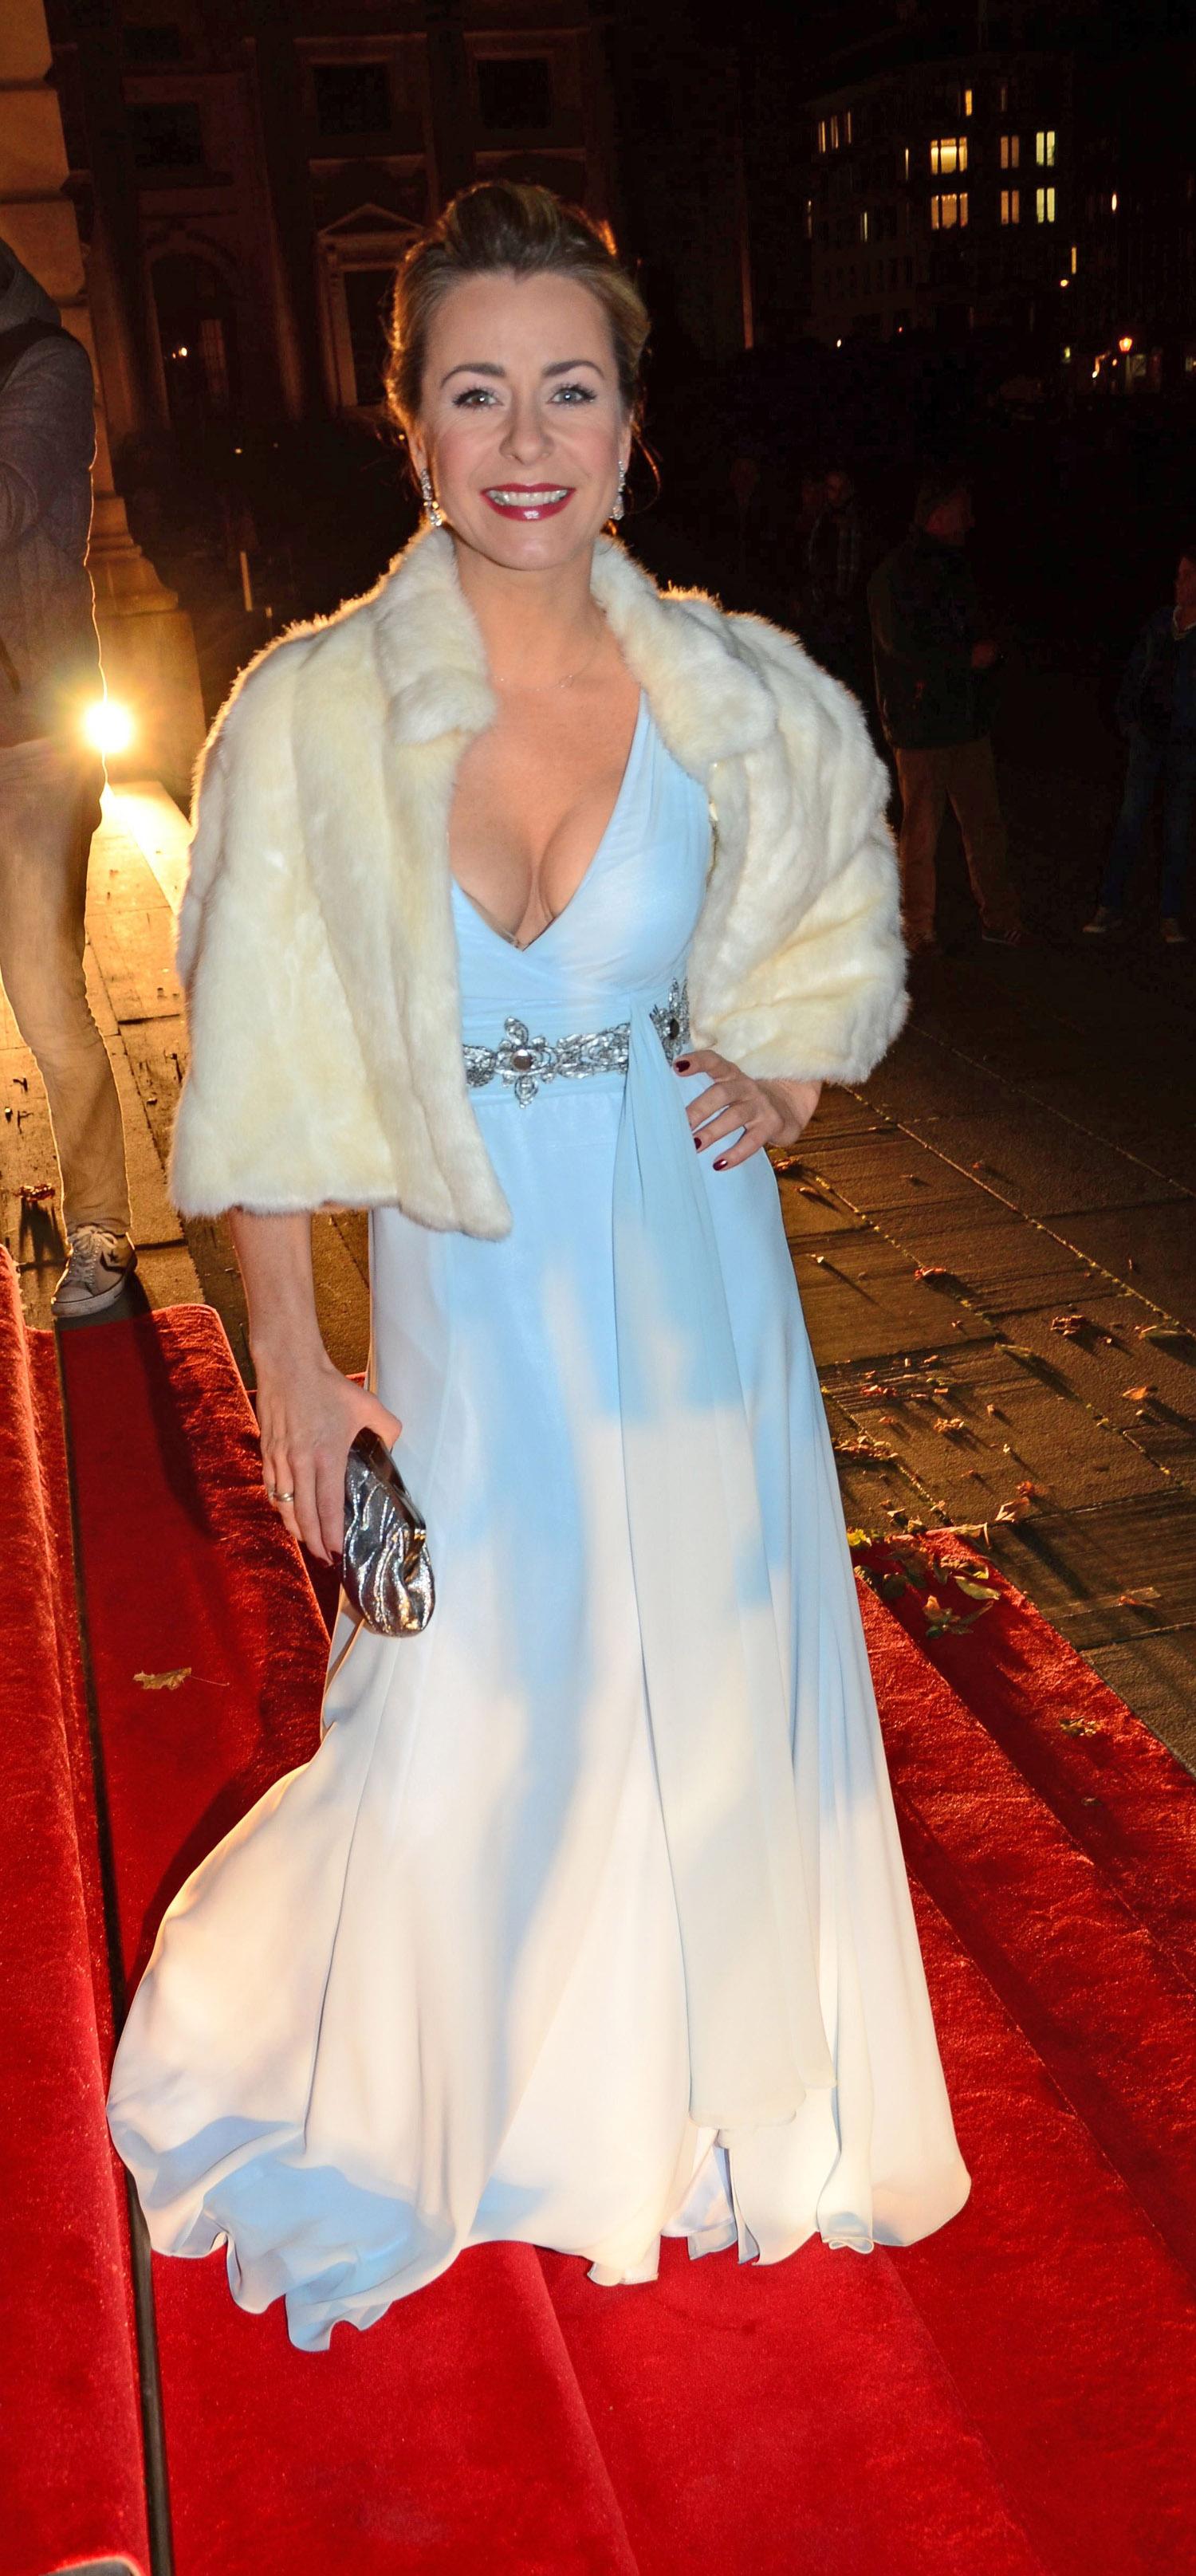 Беттина Крамер голая. Фото - 4